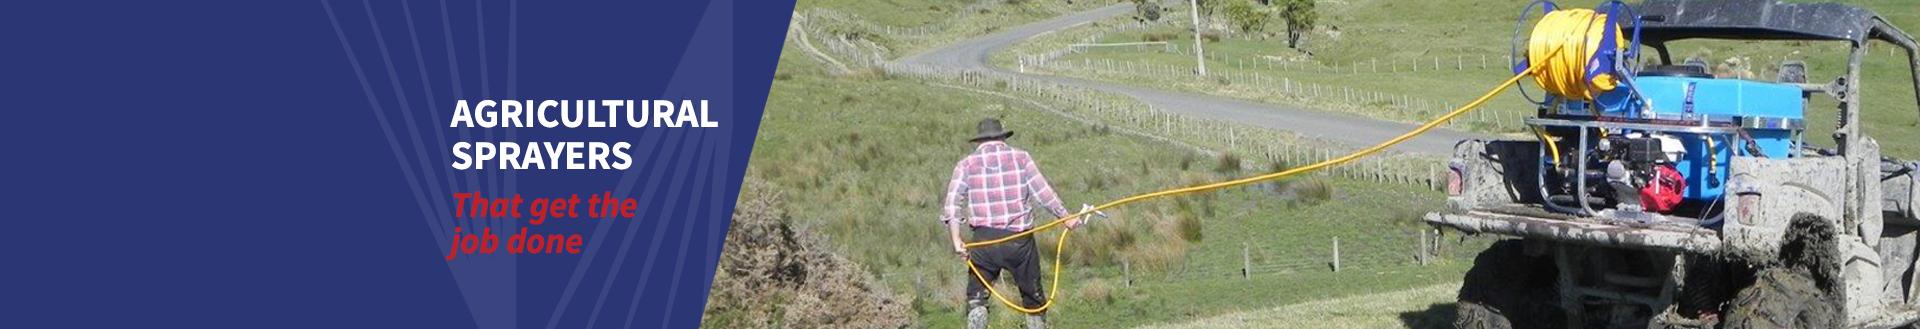 Agricultural Sprayers Hamilton